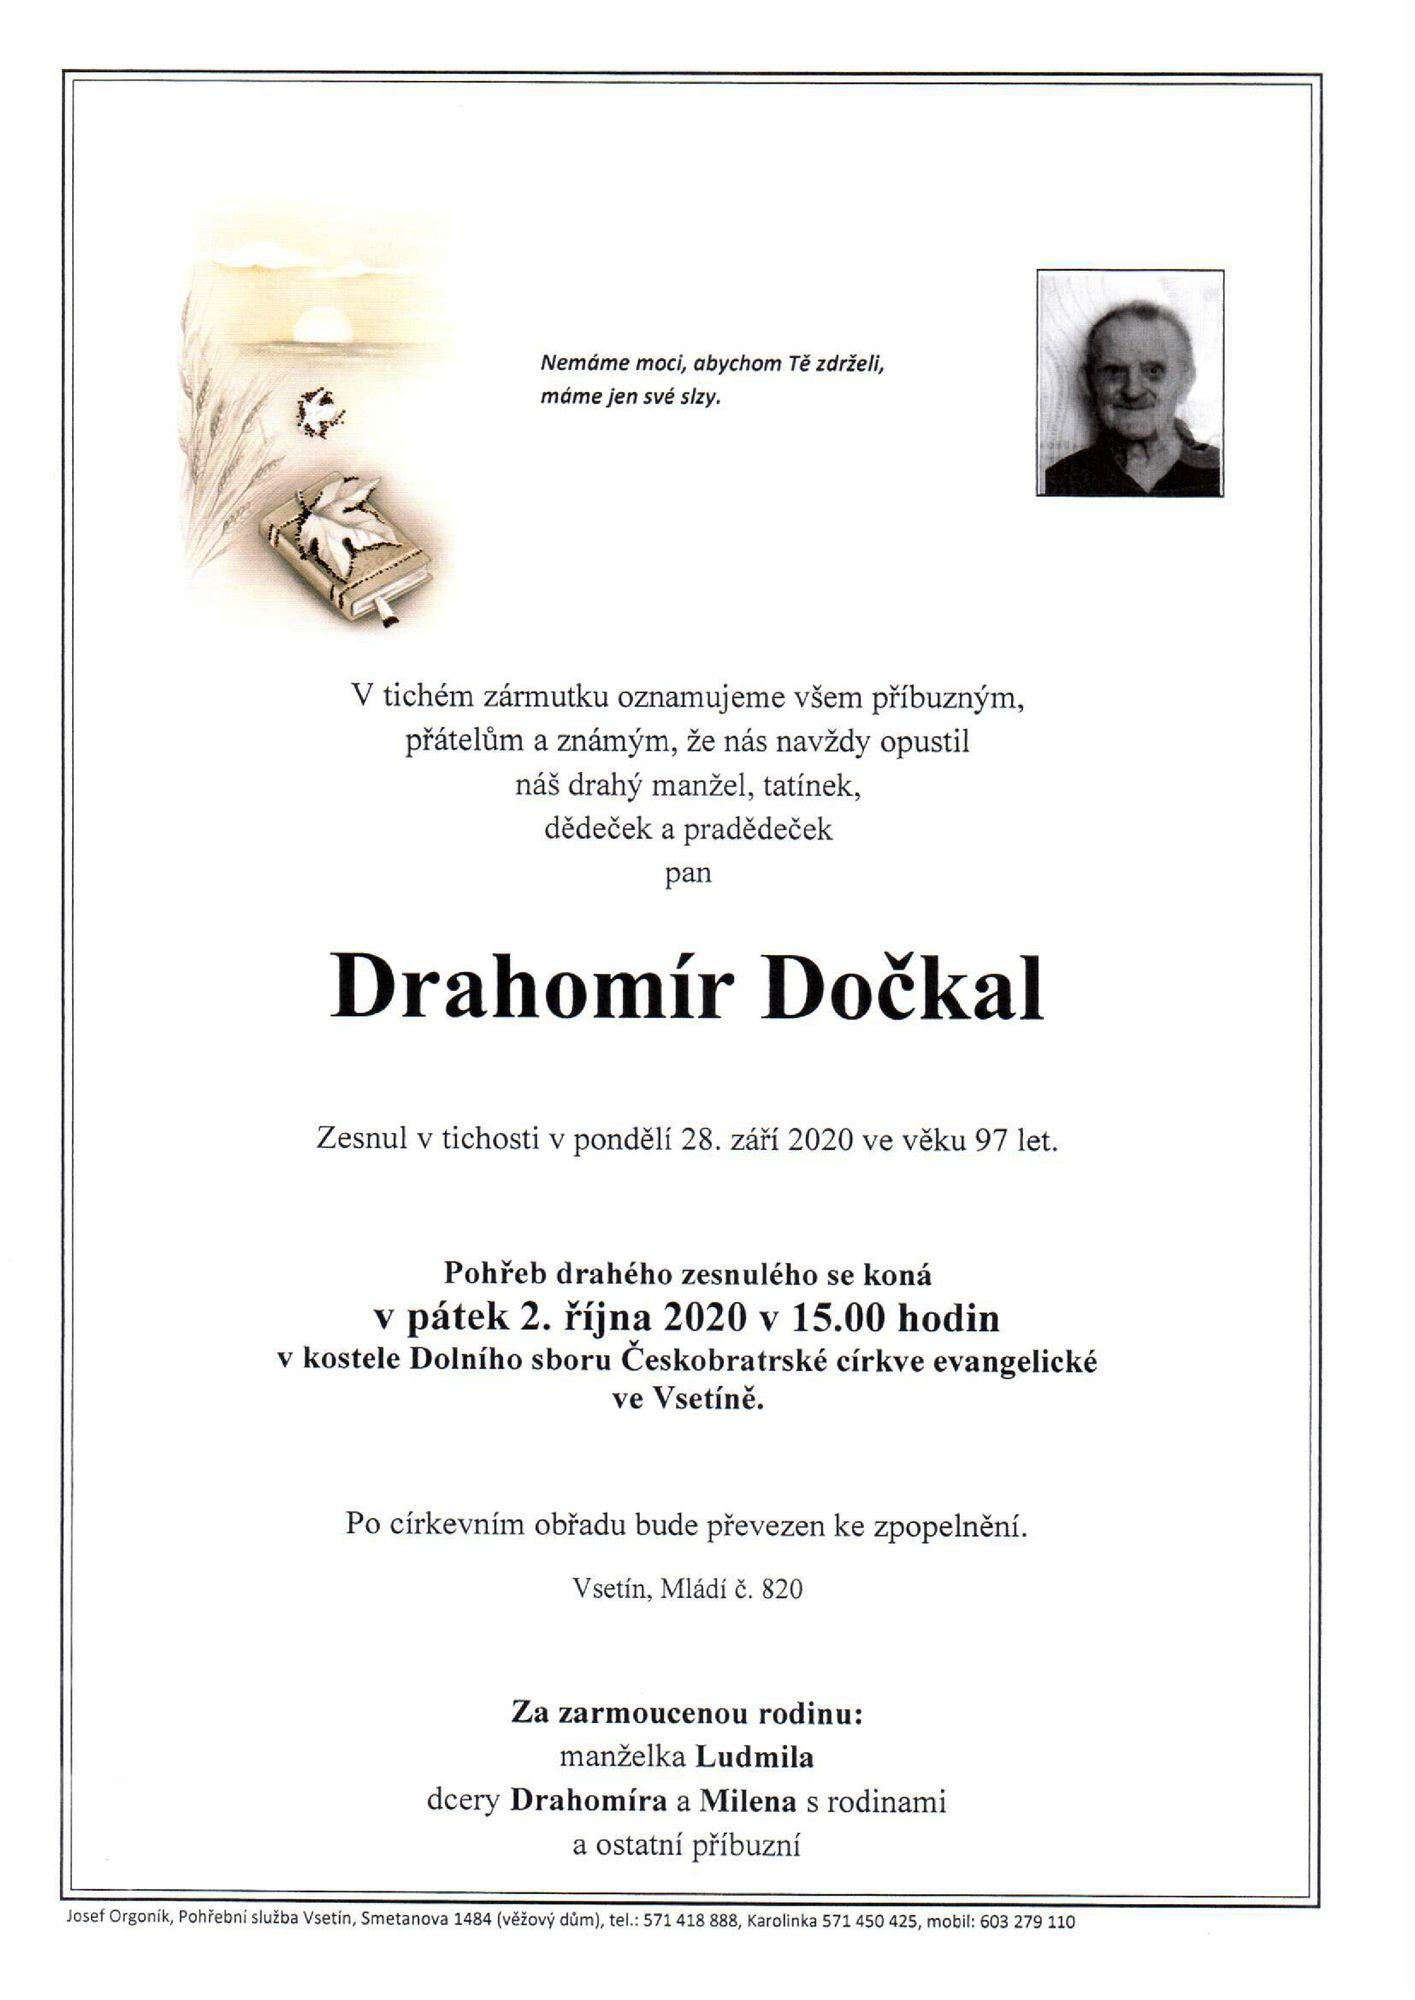 Drahomír Dočkal